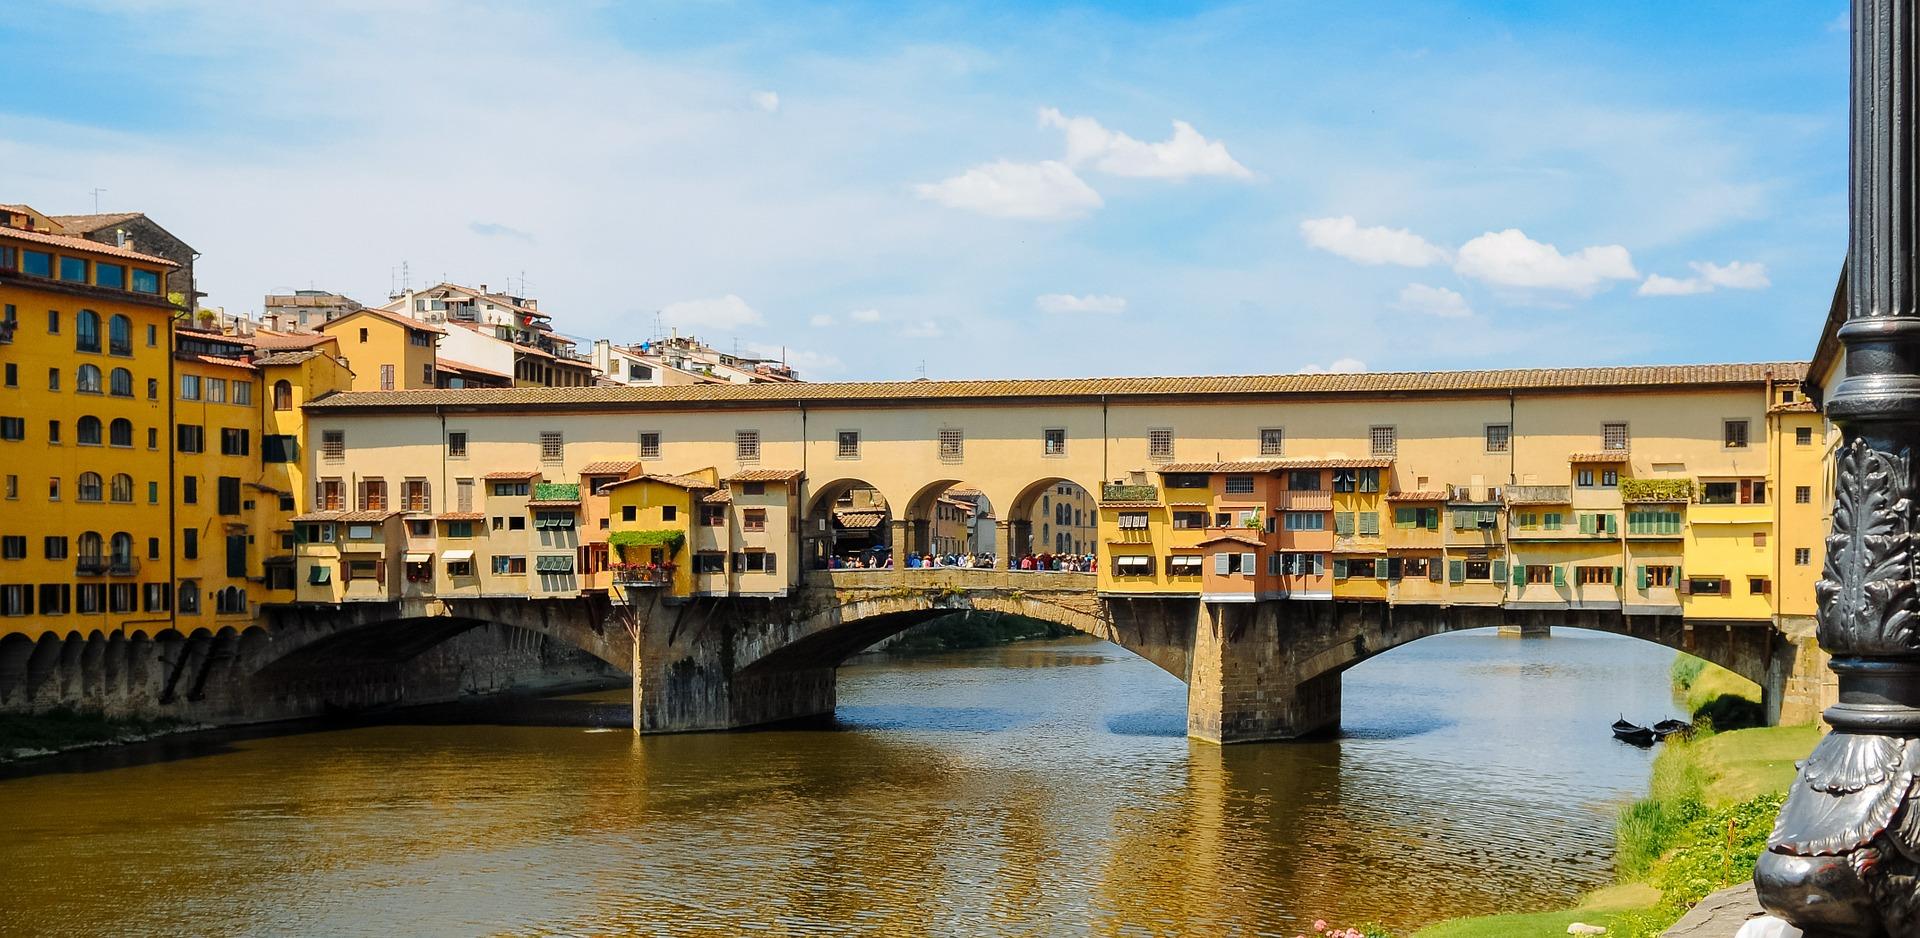 bridge-601322_1920